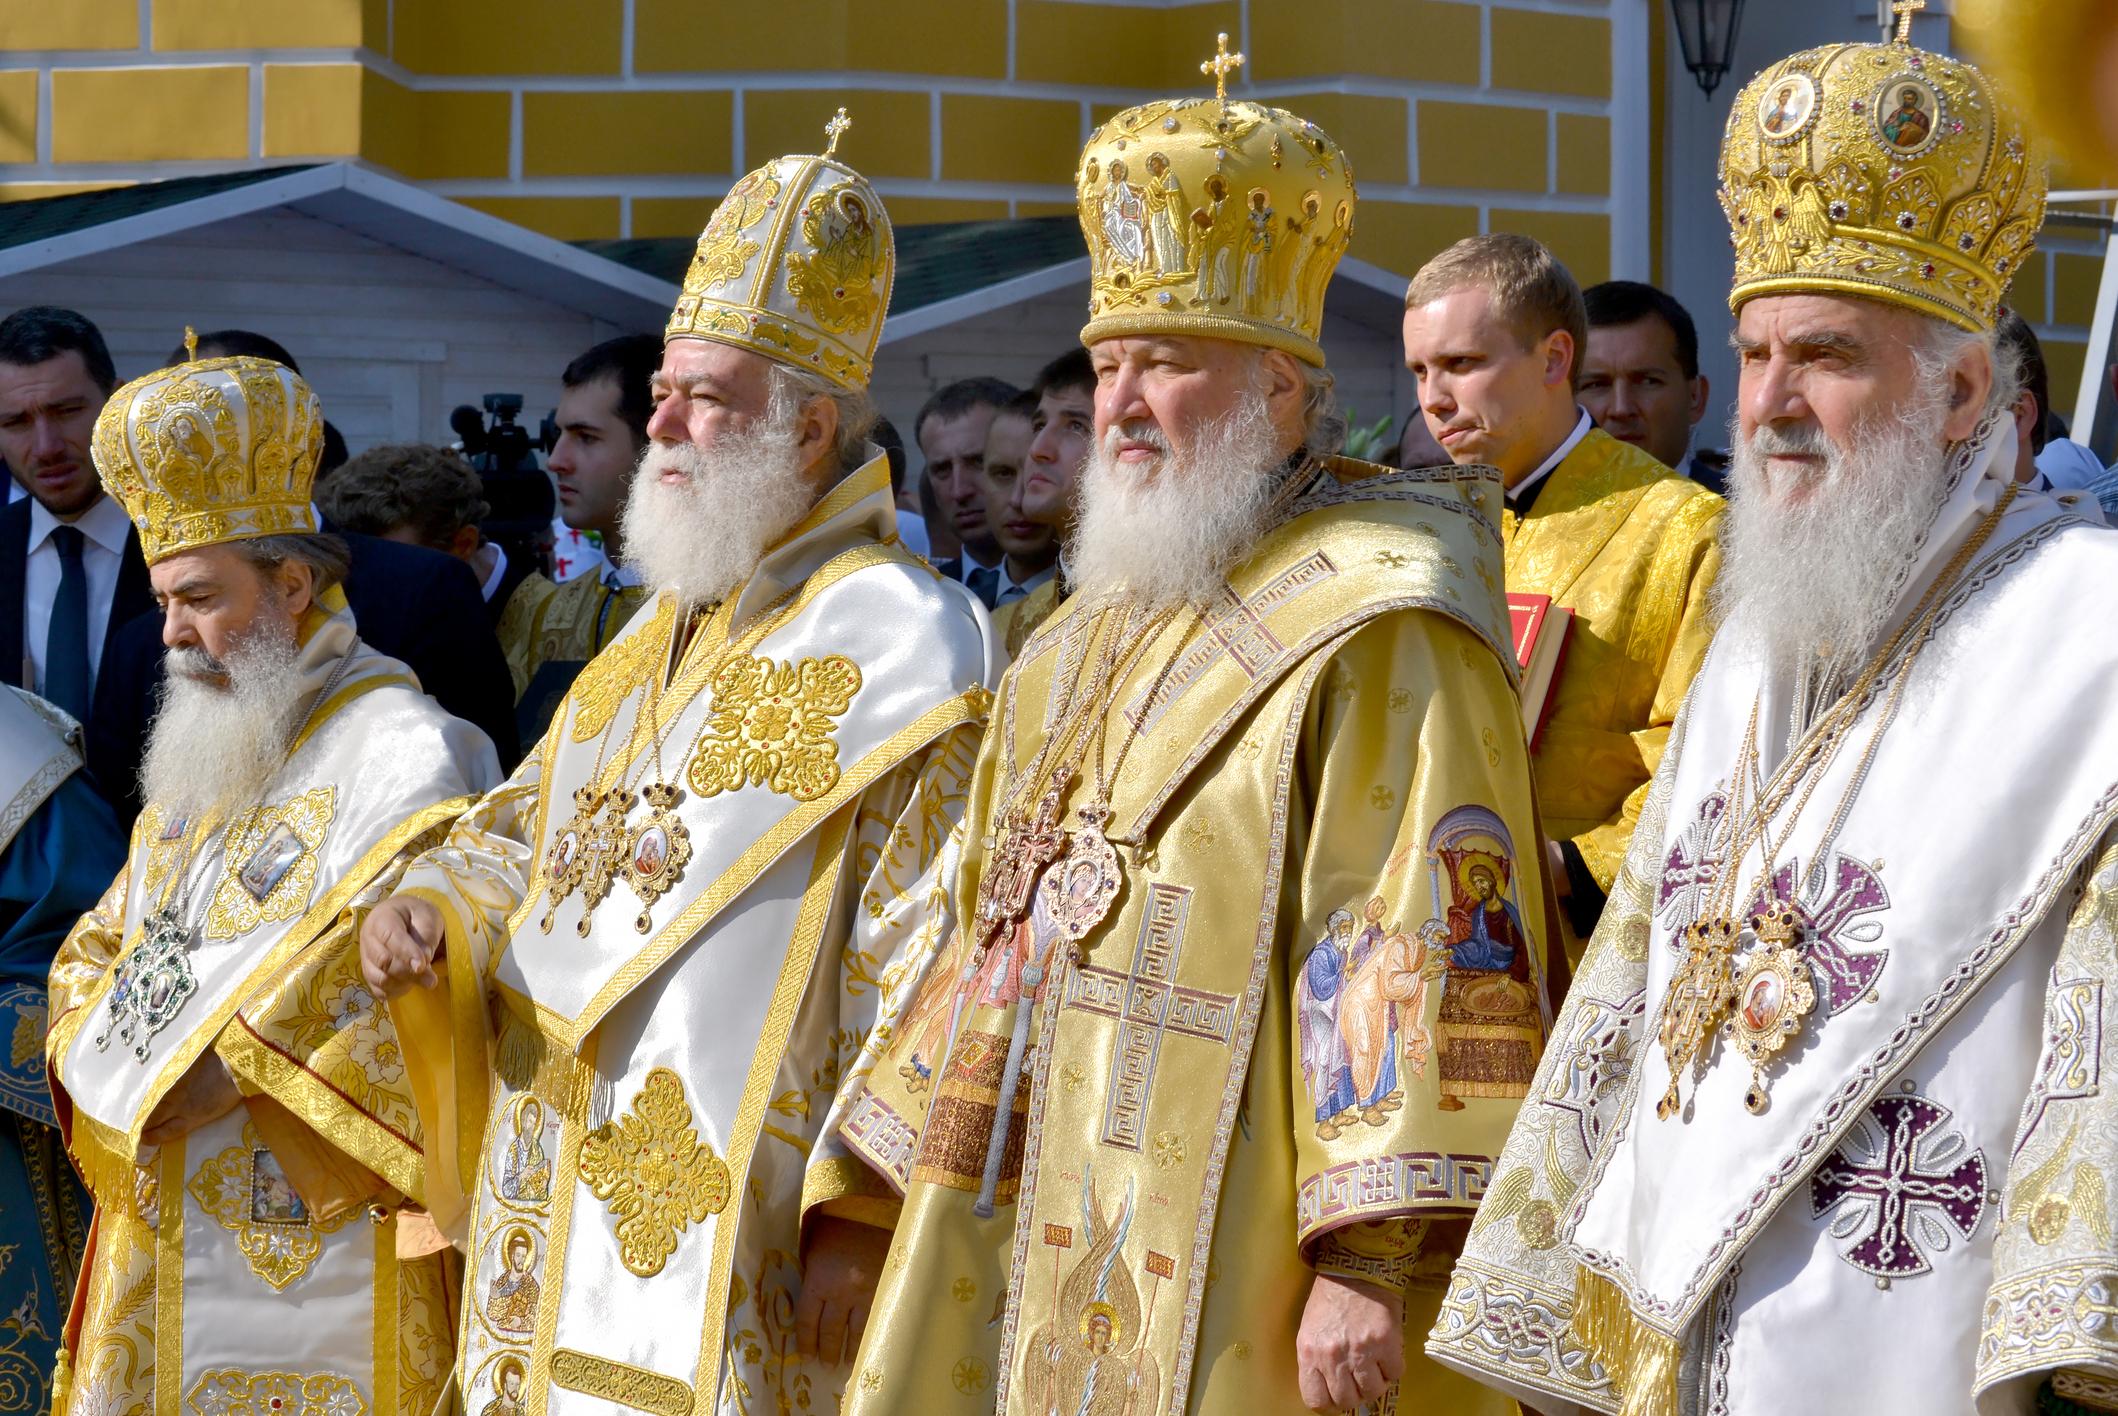 """Константинополският патриарх за разлика от папата няма върховенство над другите патриарси и патриаршии. Православието вижда всички духовни служители, включително и патриархът, като """"слуги на Бога"""", които са сравнително еднакви, просто с различни задължения и различно място в йерархията на църквата като институция."""